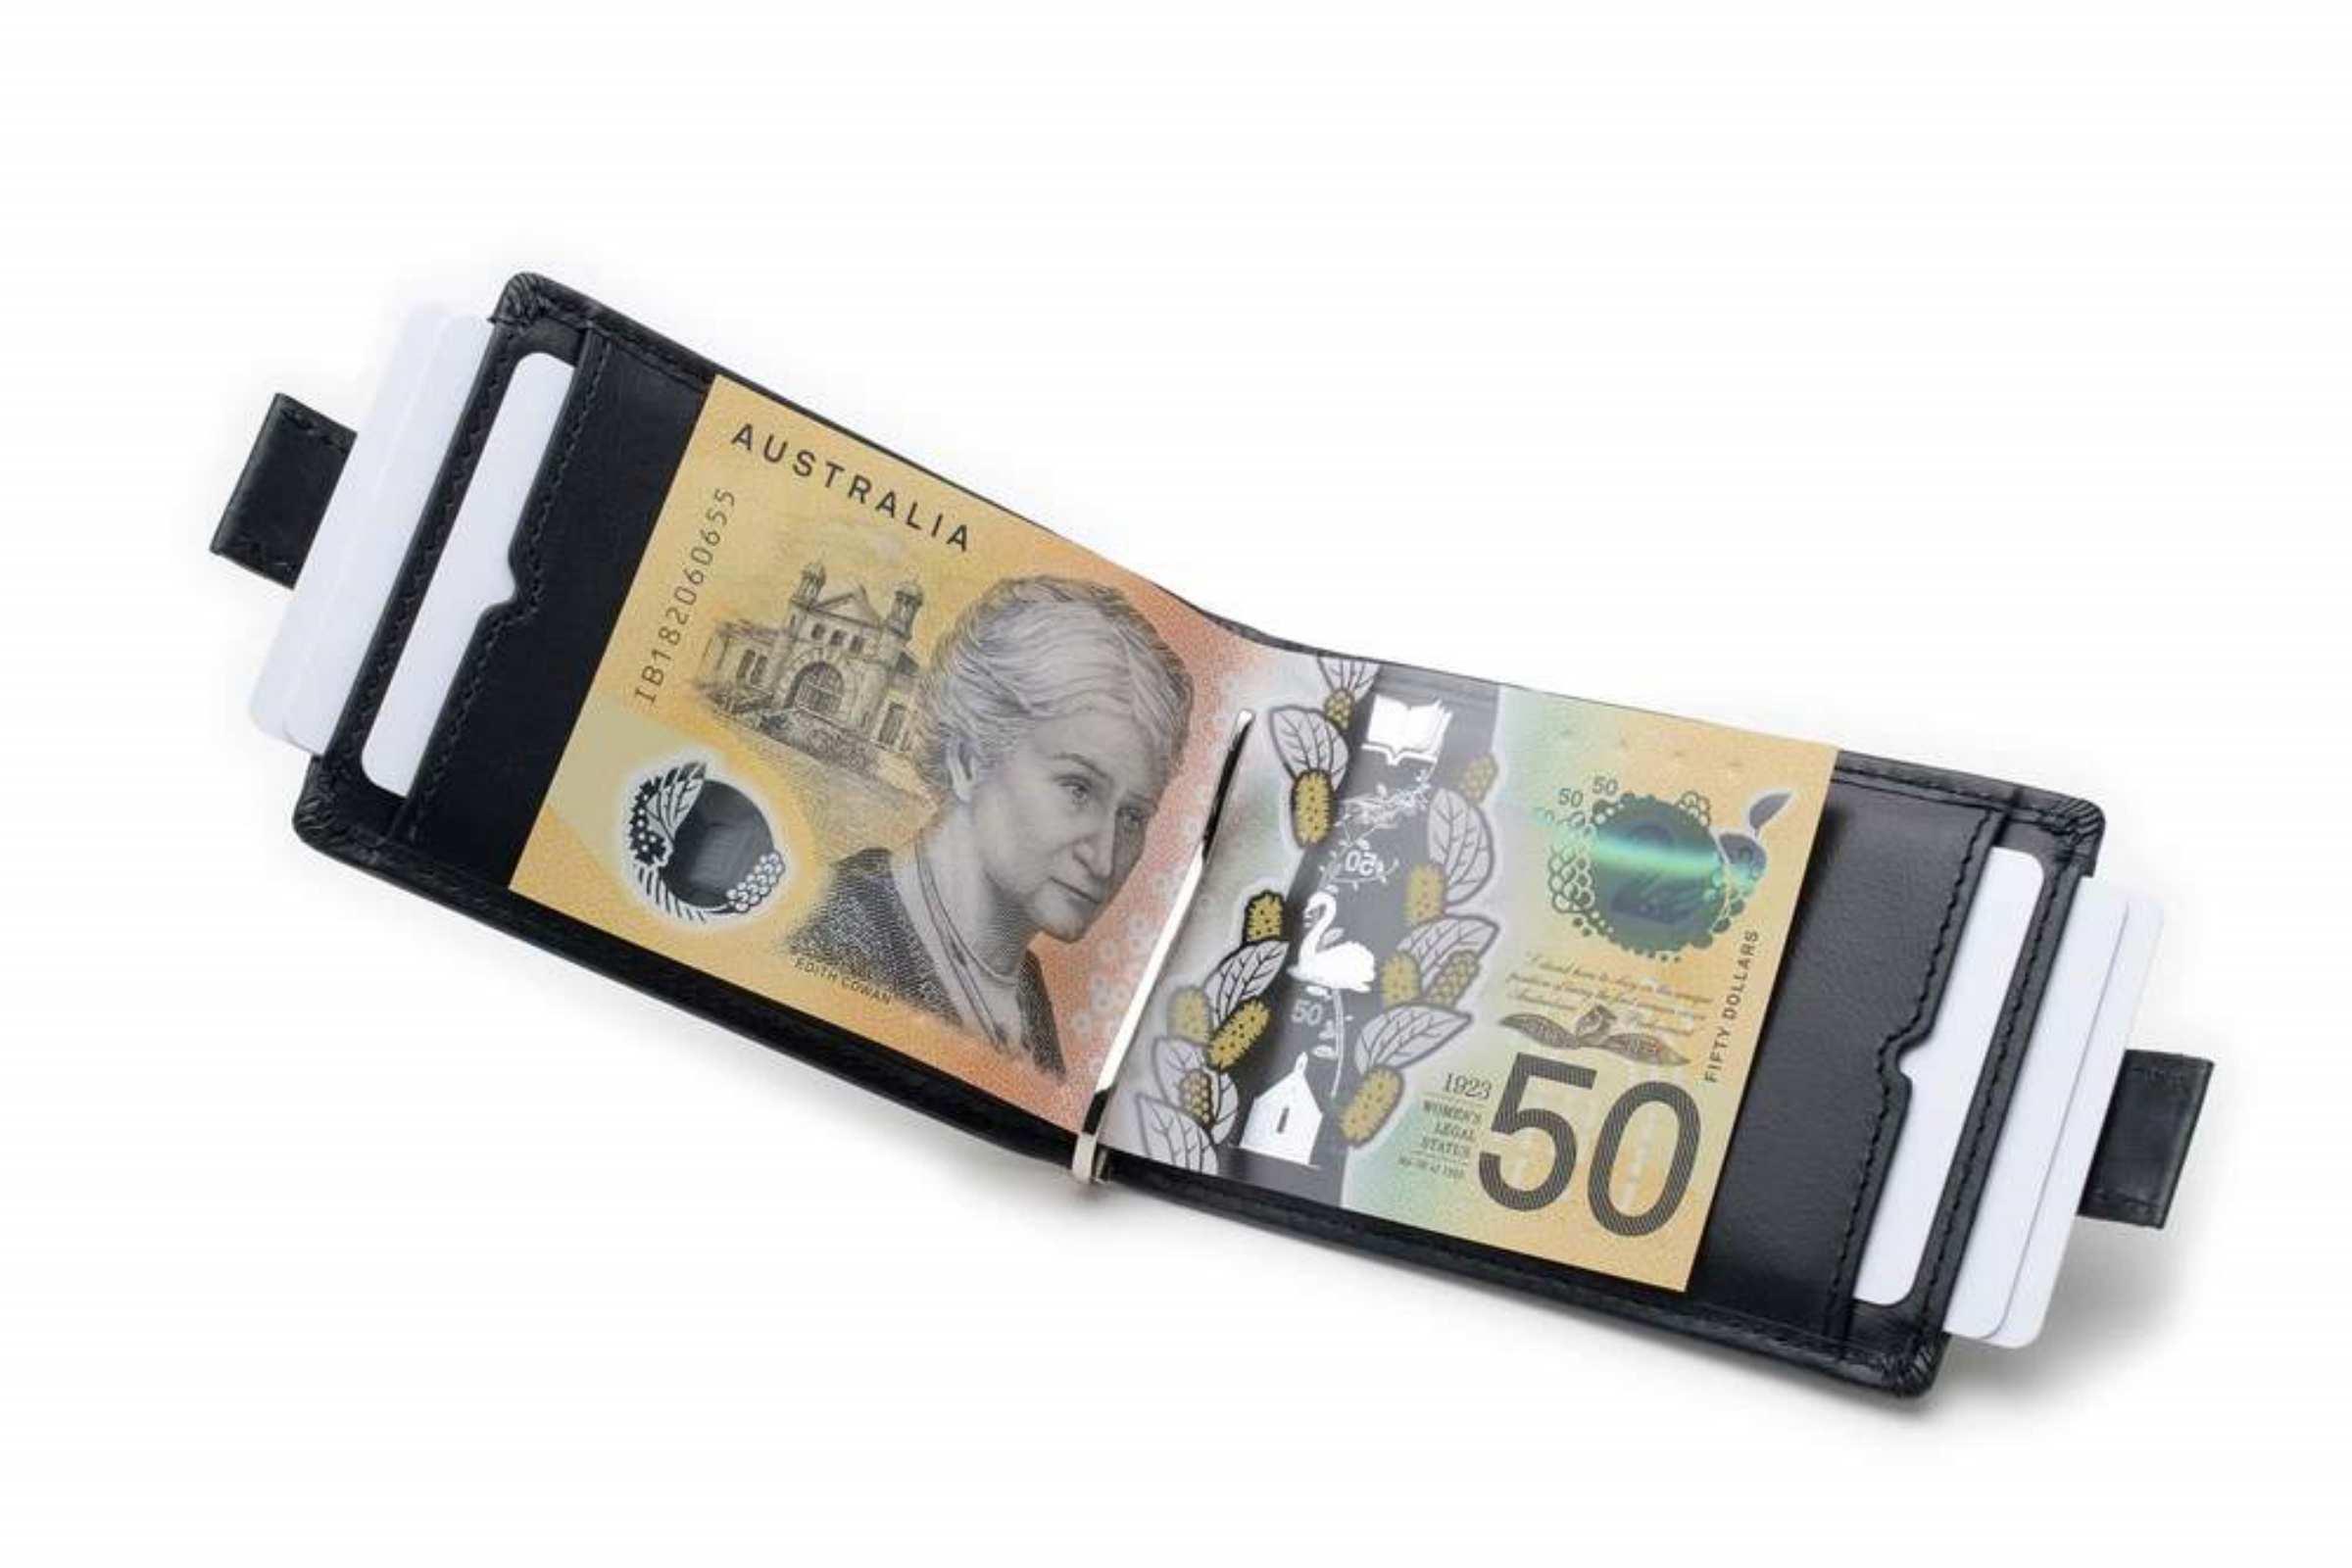 karakoram2 Slimline mens money clip leathe wallet Australia black RFID cardholder